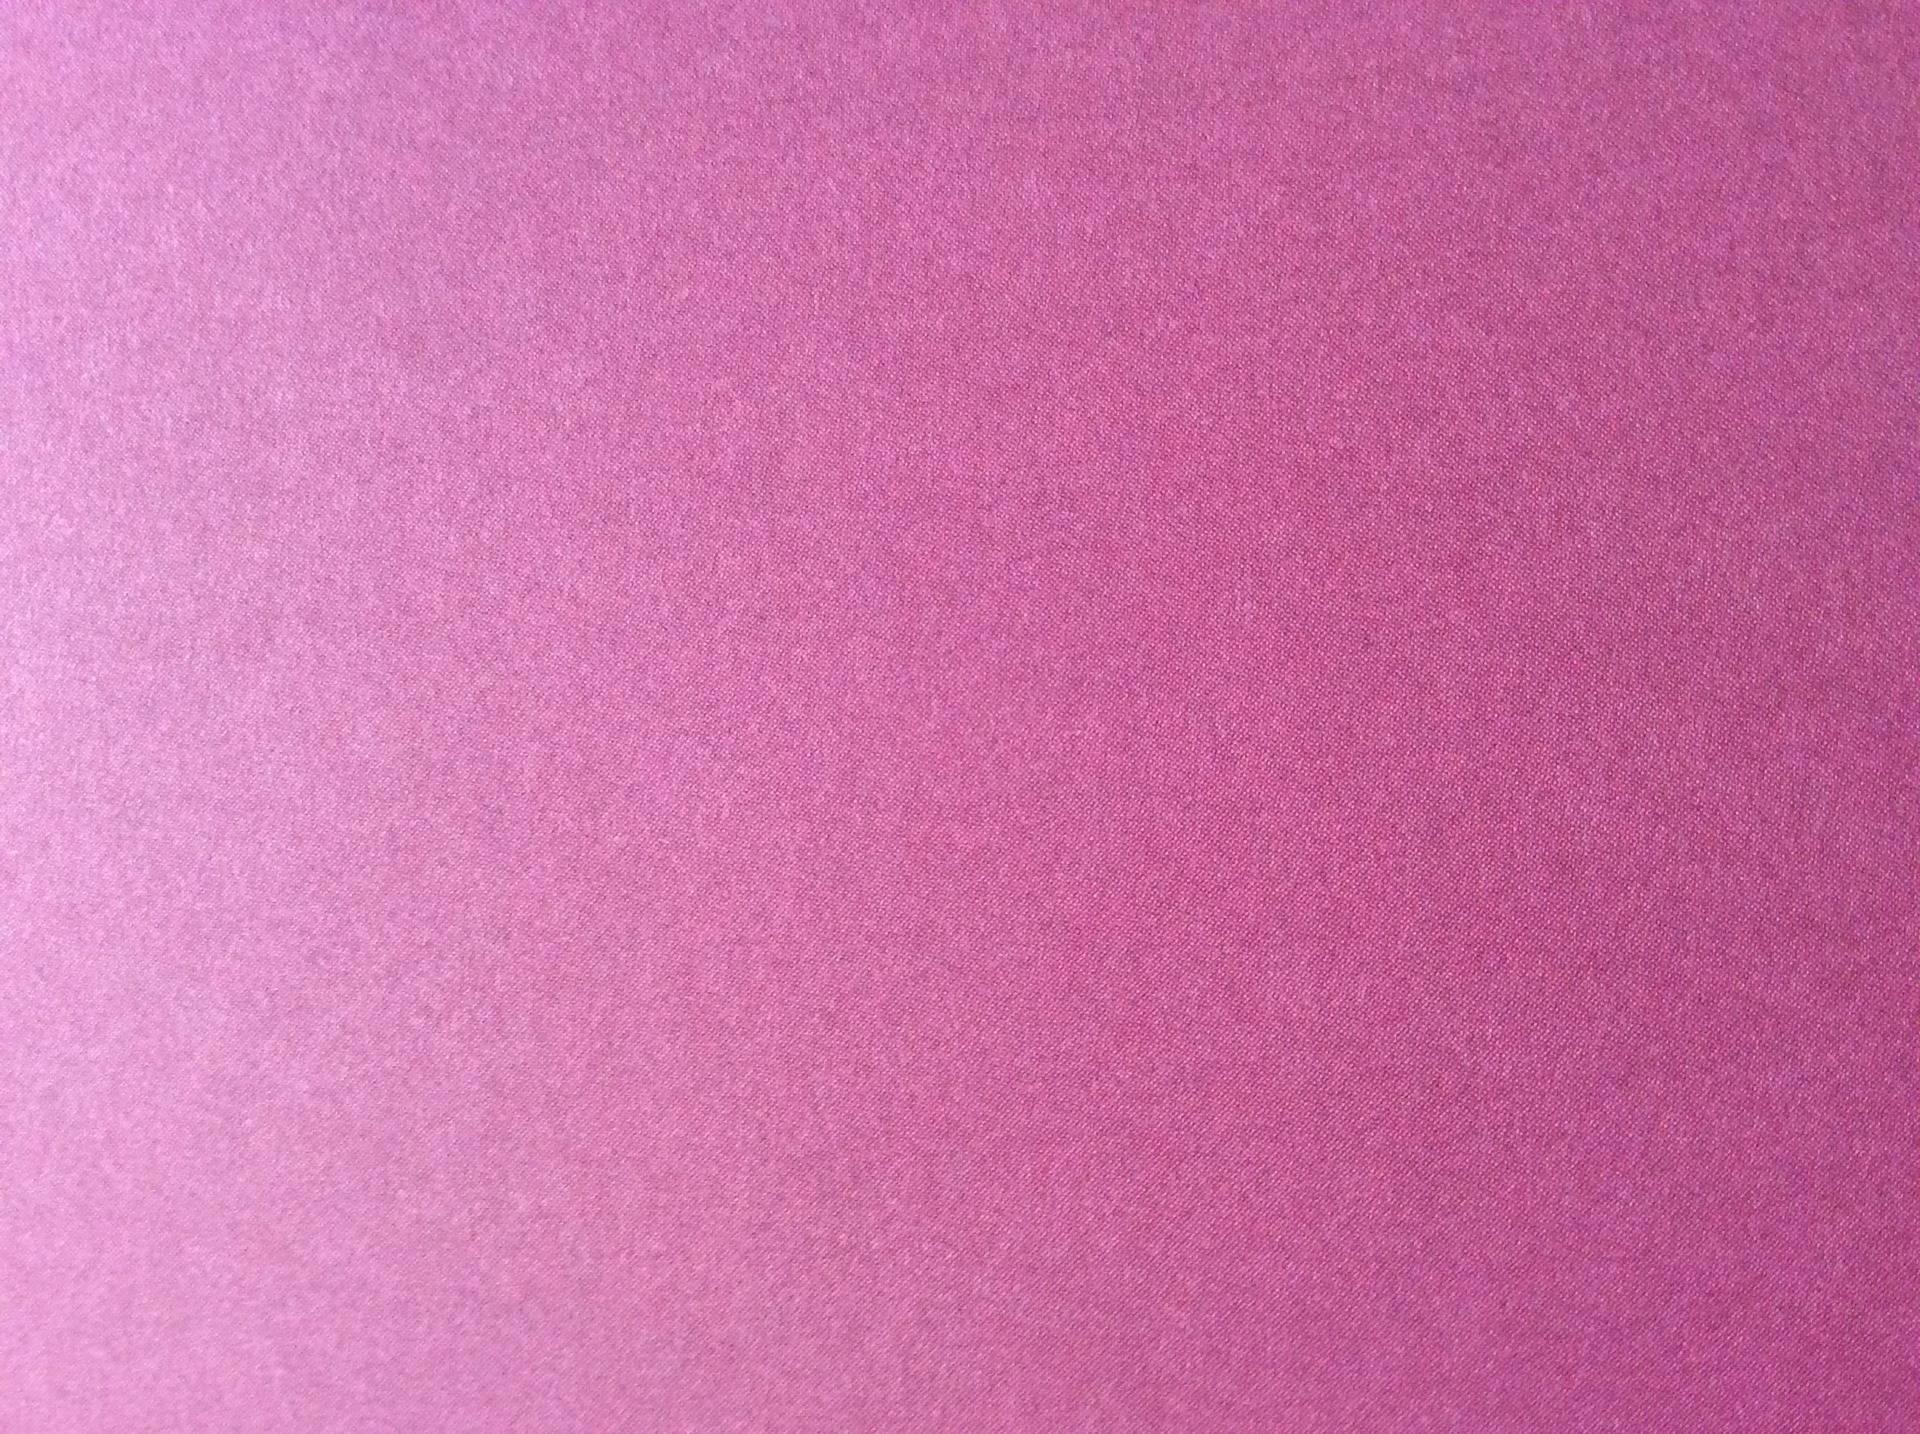 papier origami unie couleur violet